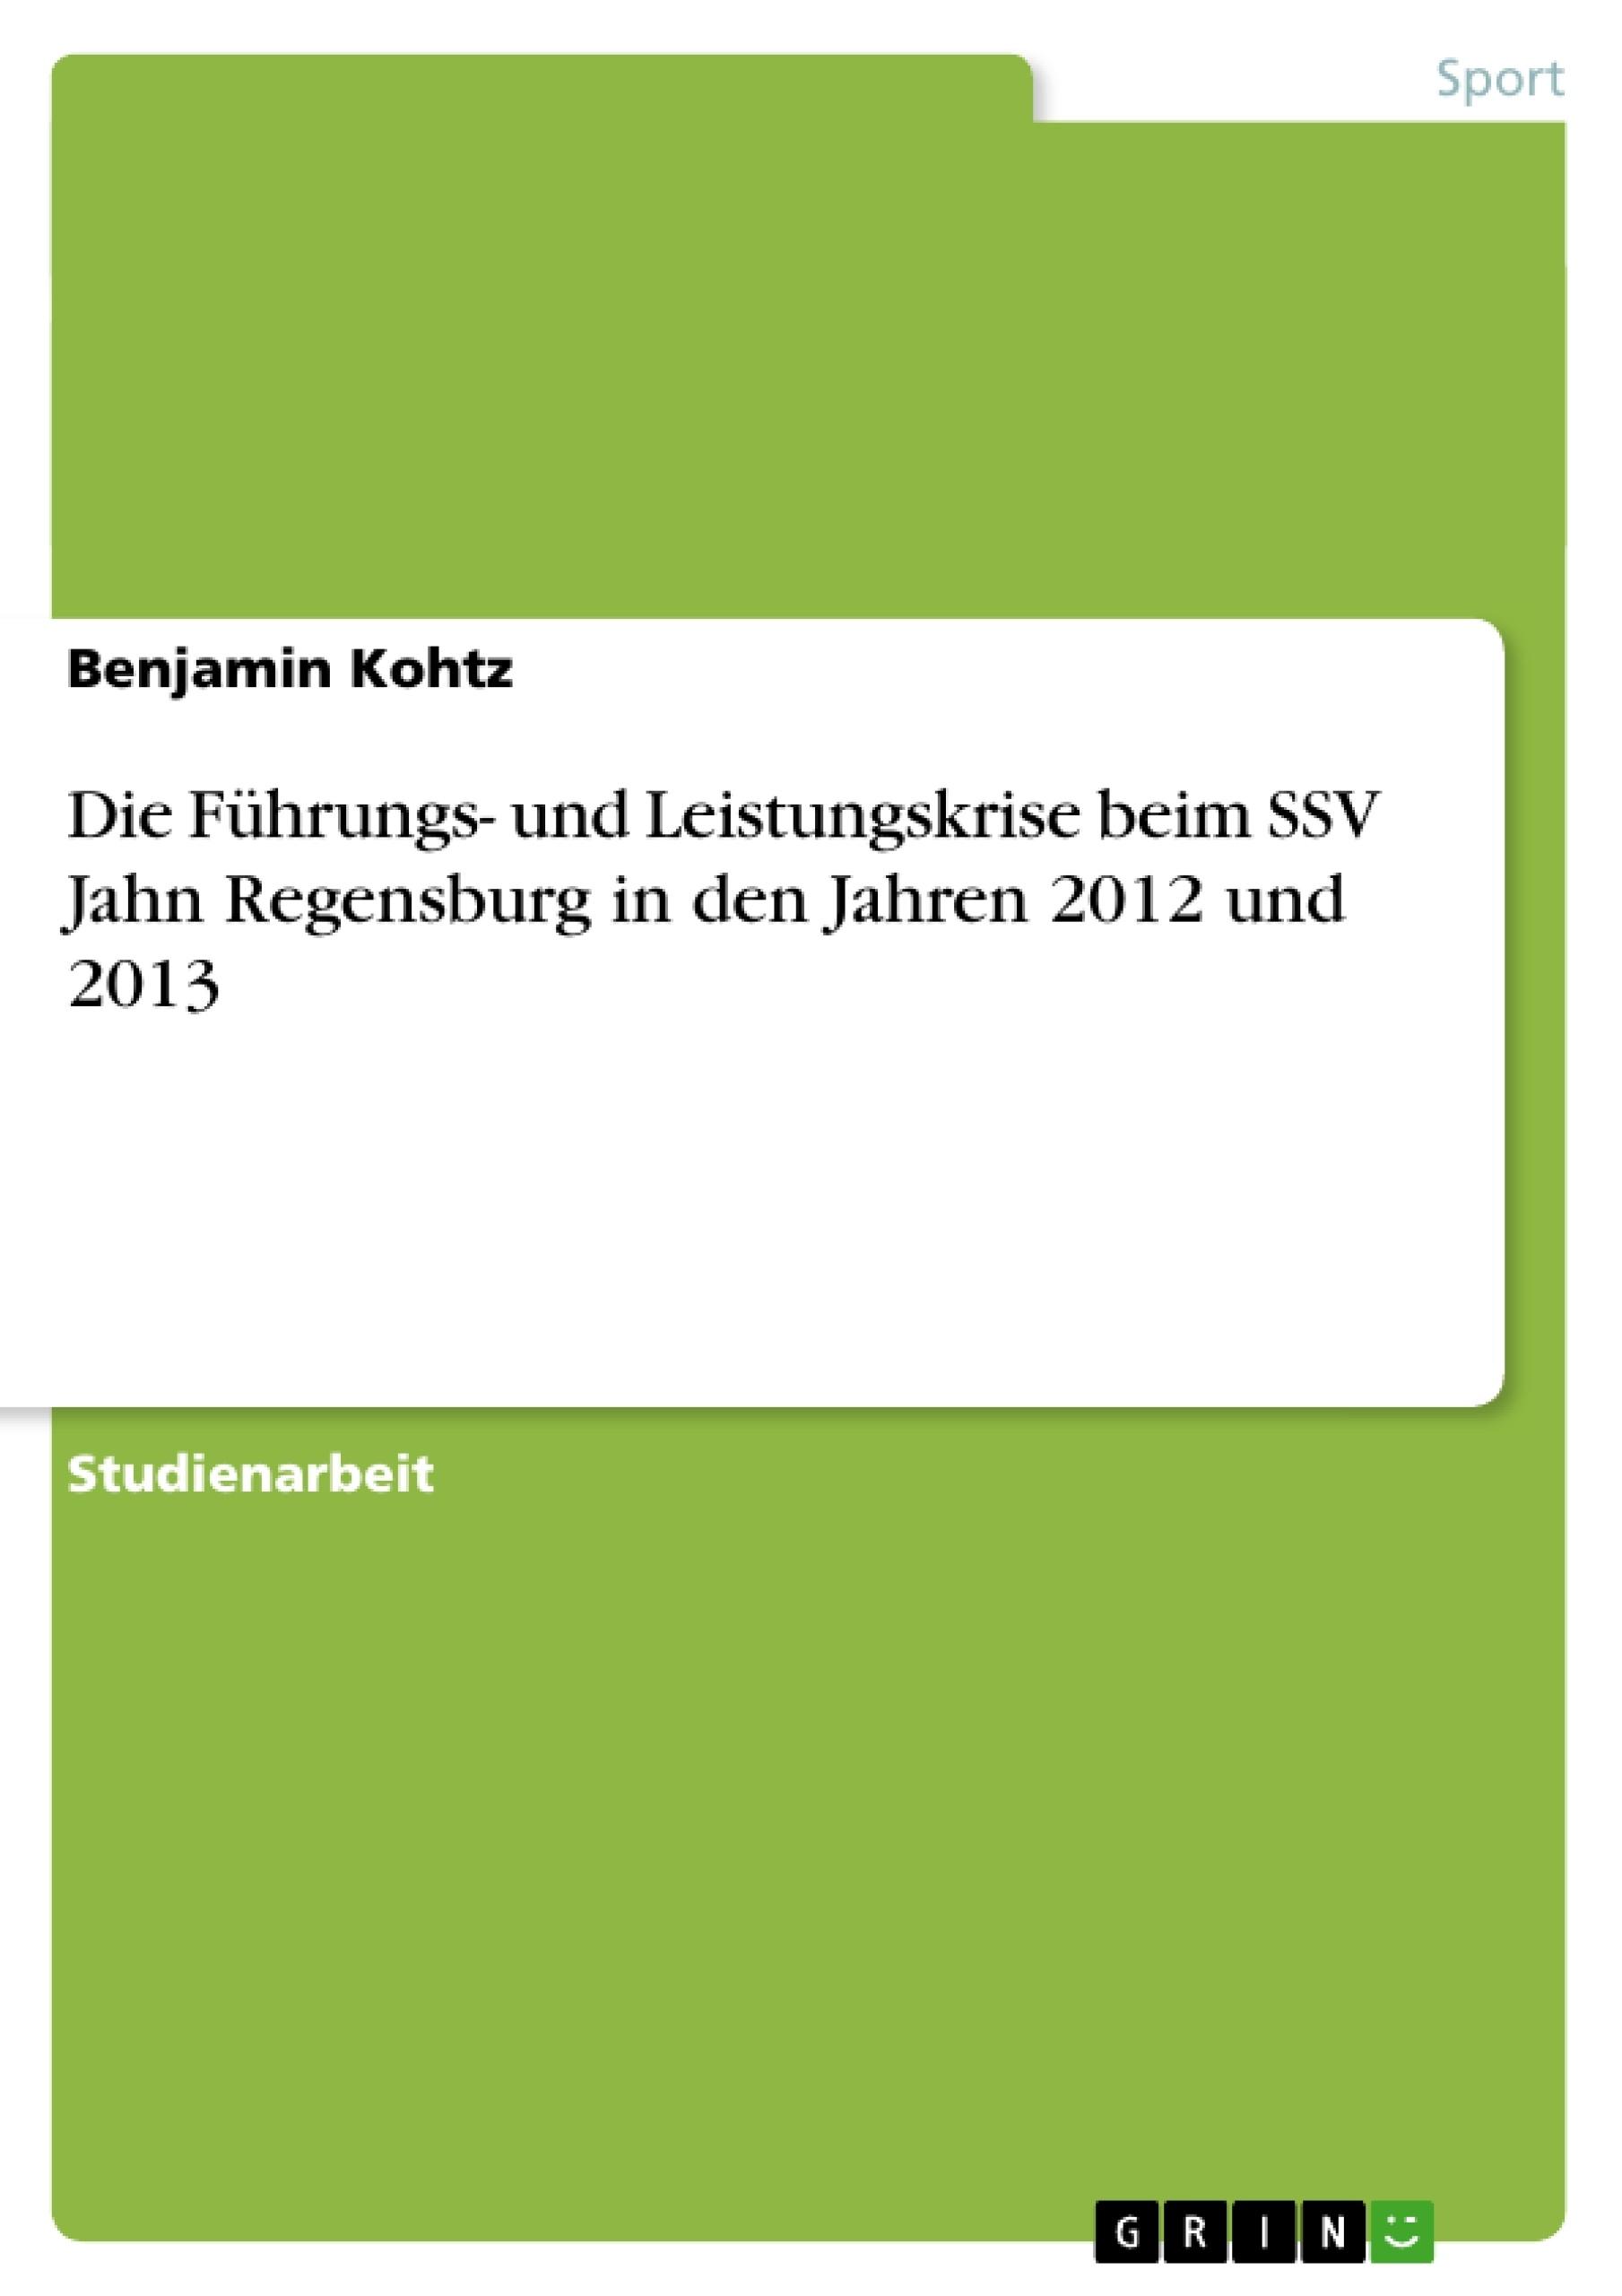 Titel: Die Führungs- und Leistungskrise beim SSV Jahn Regensburg in den Jahren 2012 und 2013